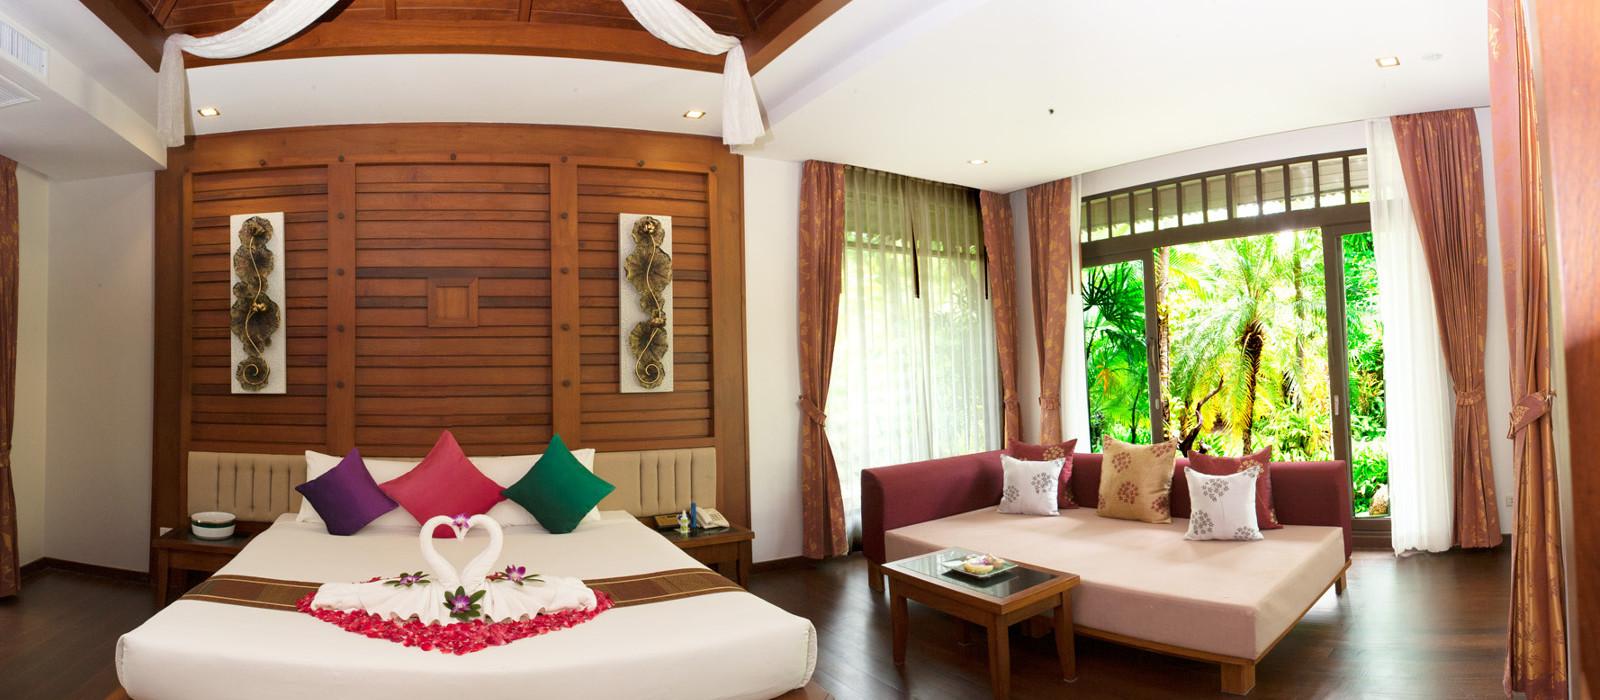 Hotel Railay Village Resort & Spa Thailand